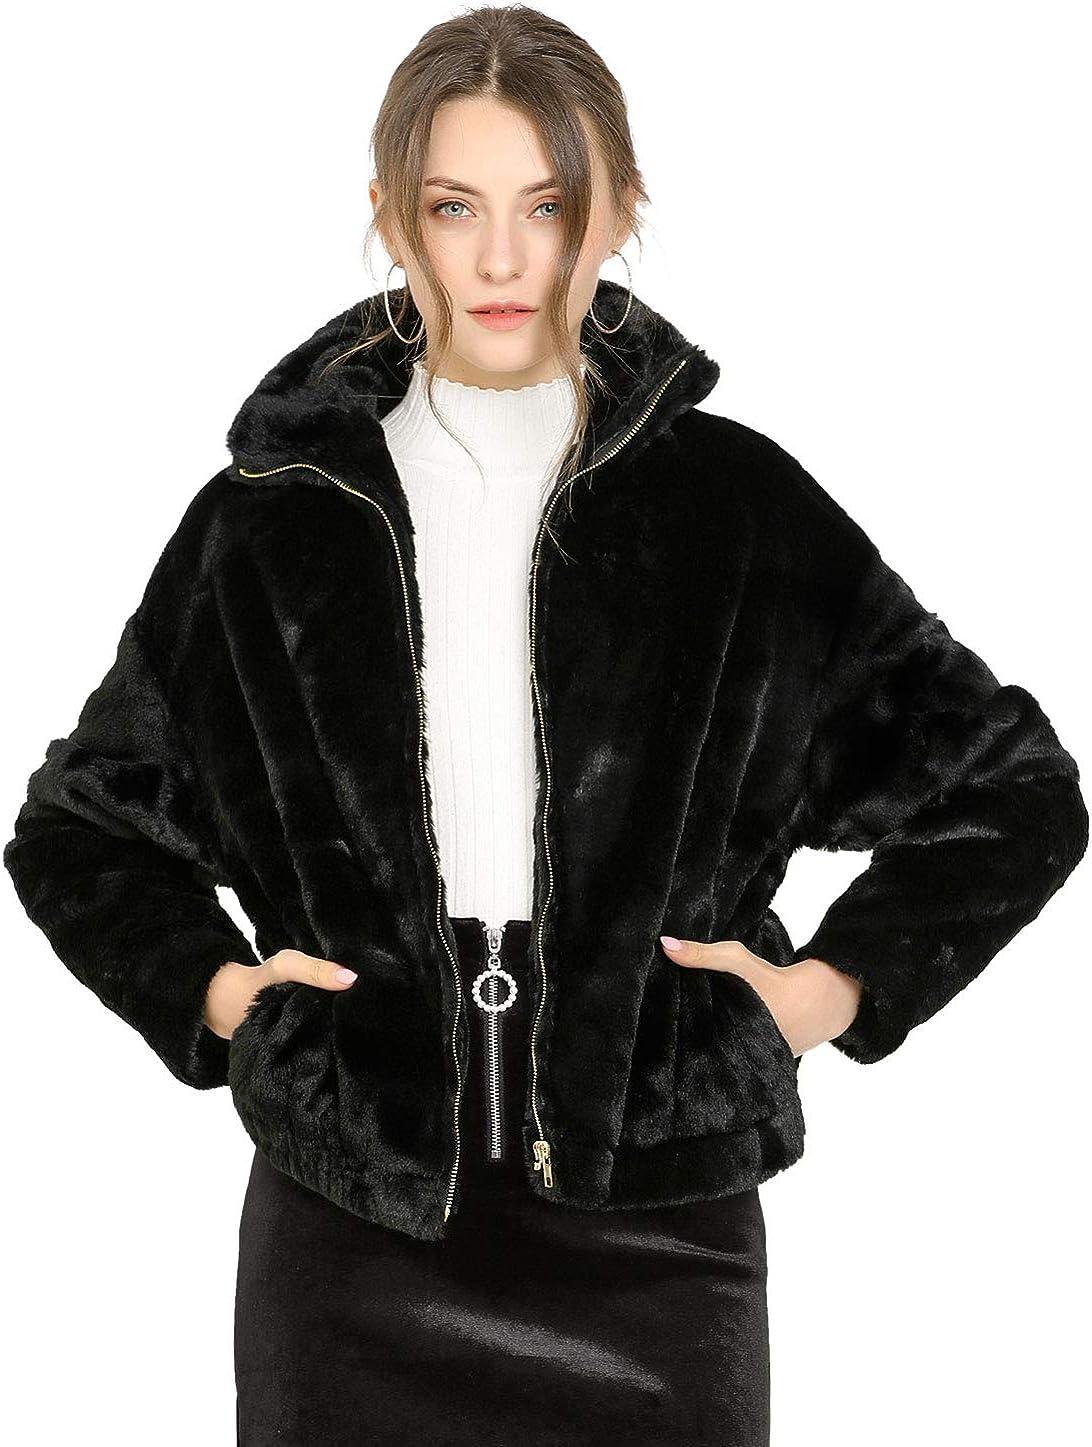 Allegra K Women's Winter Zipper Front Coat Shawl Collar Faux Fur Fluffy Jacket